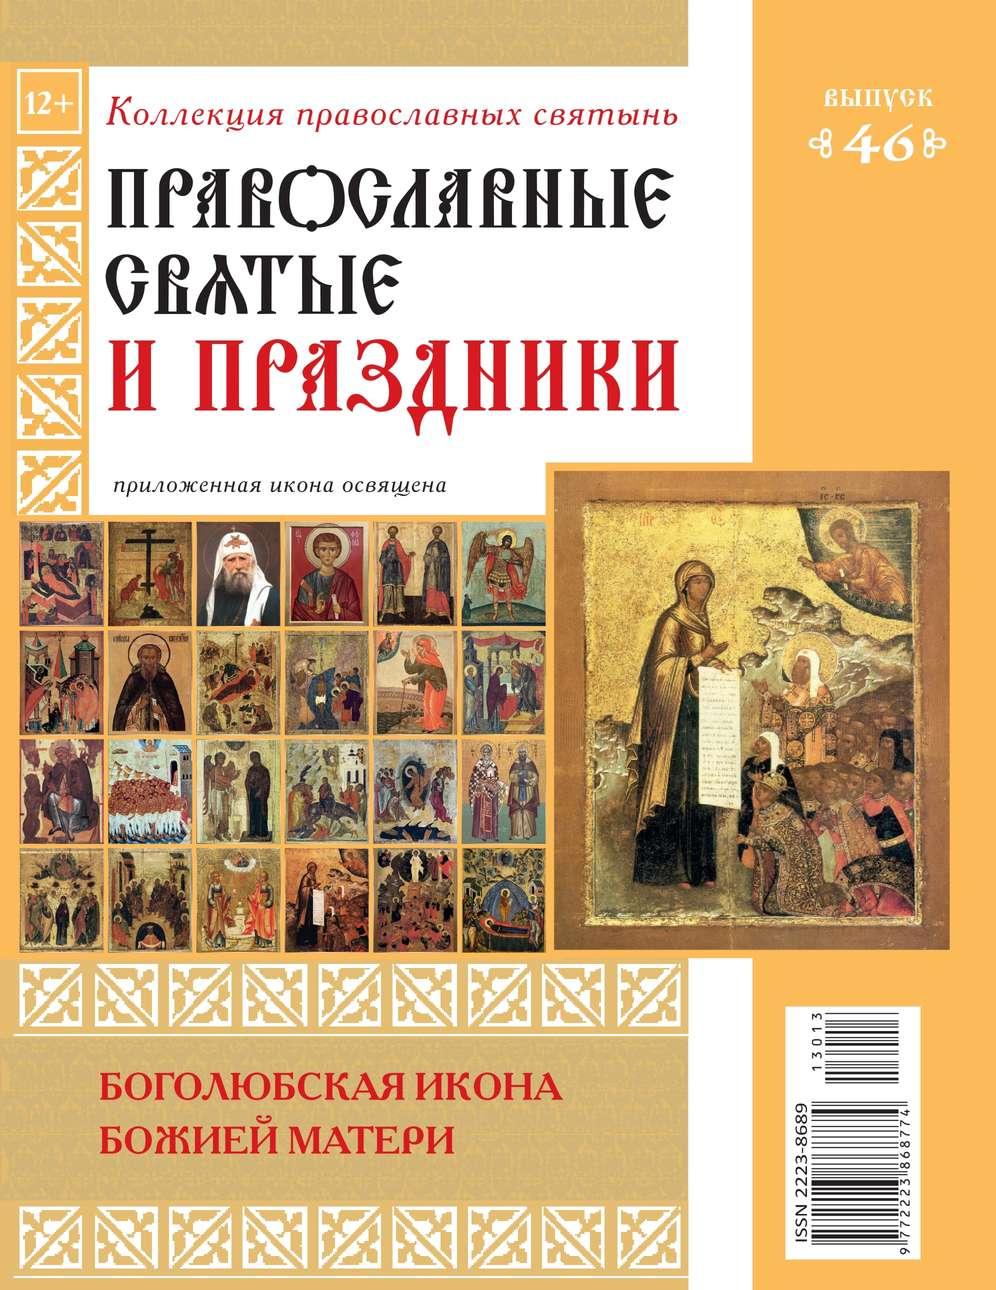 Редакция журнала Коллекция Православных Святынь Коллекция Православных Святынь 46